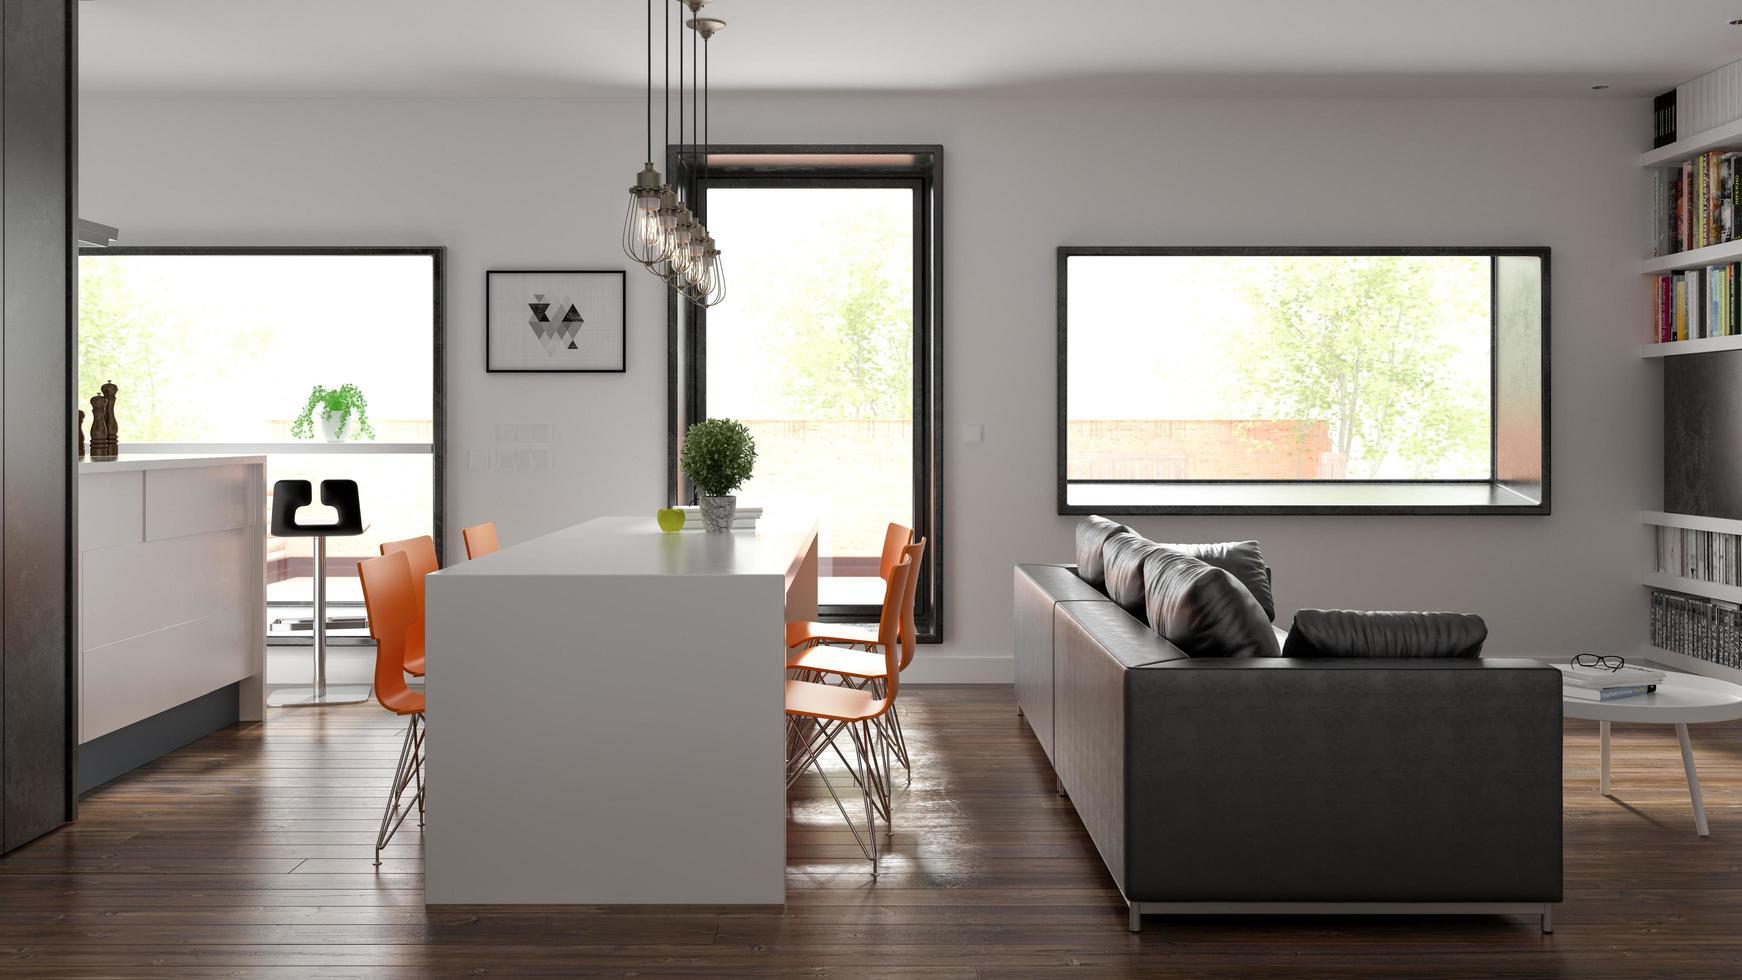 Scandinavian-style interior design in 3D rendering photo